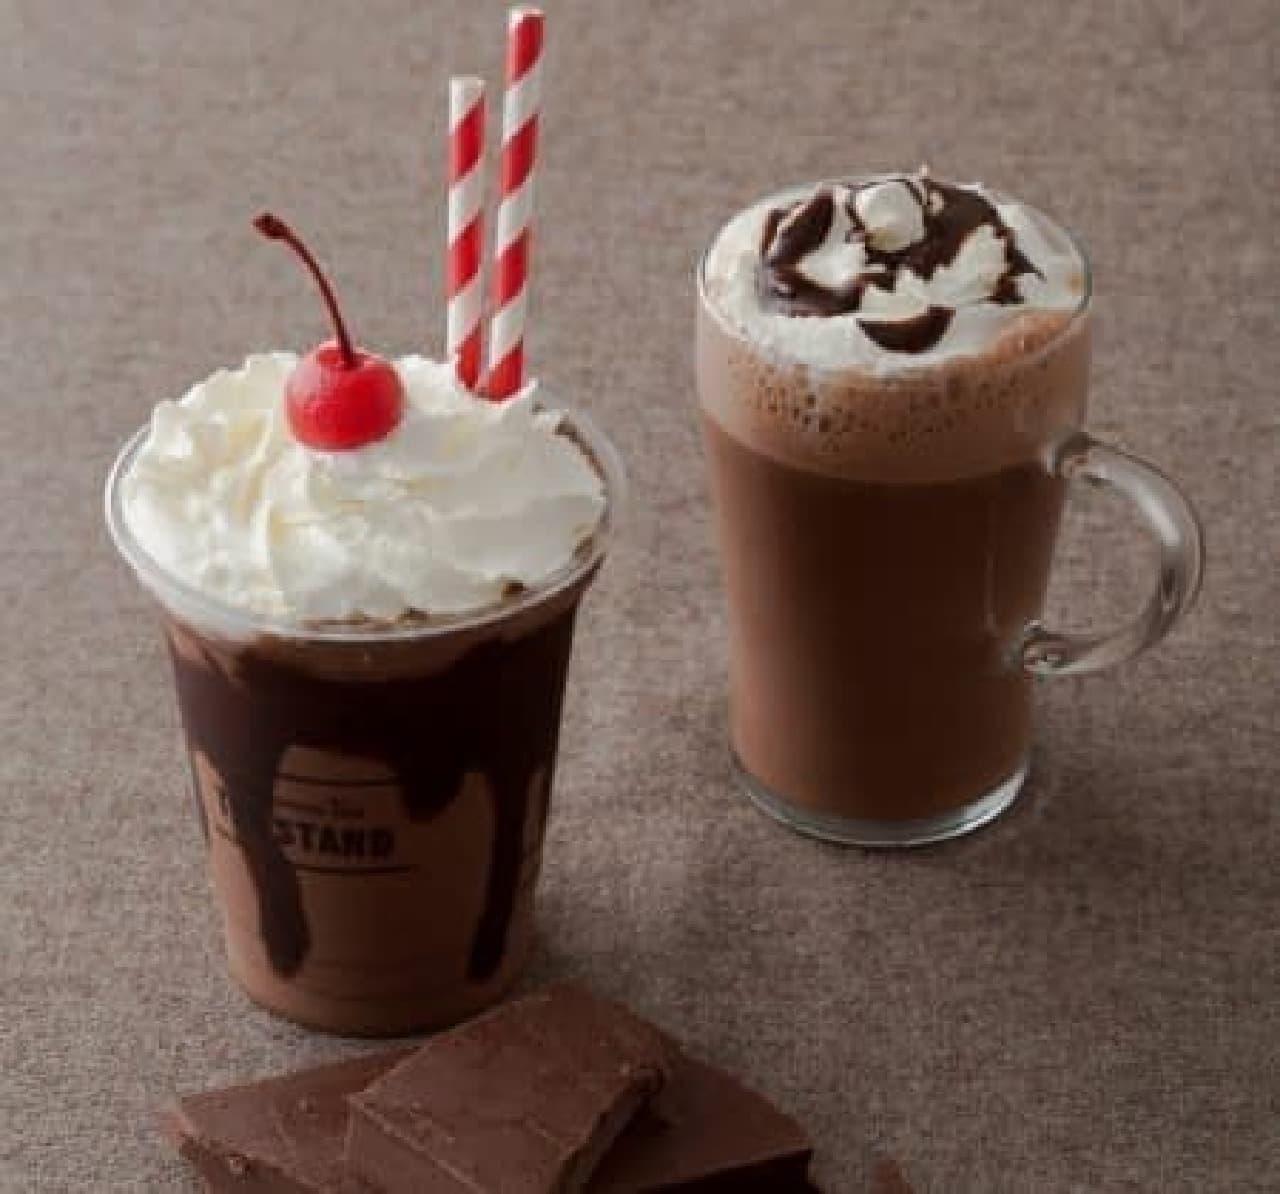 「フローズンホットチョコレート」(左)と「ホットチョコレート」(右)